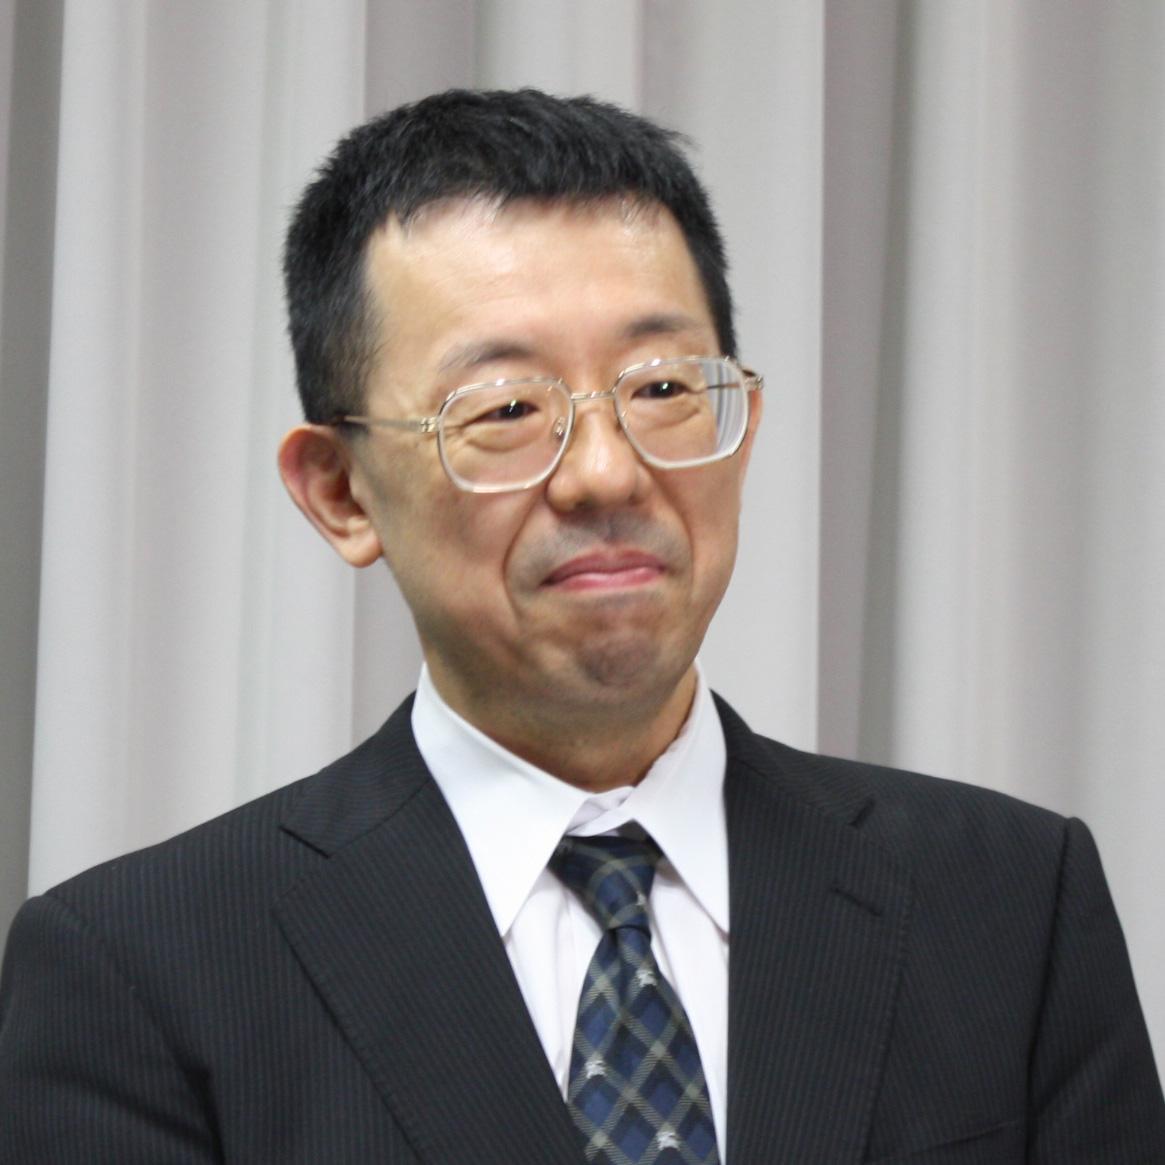 難解実務もスッと頭に入ります 笹岡宏保先生特集